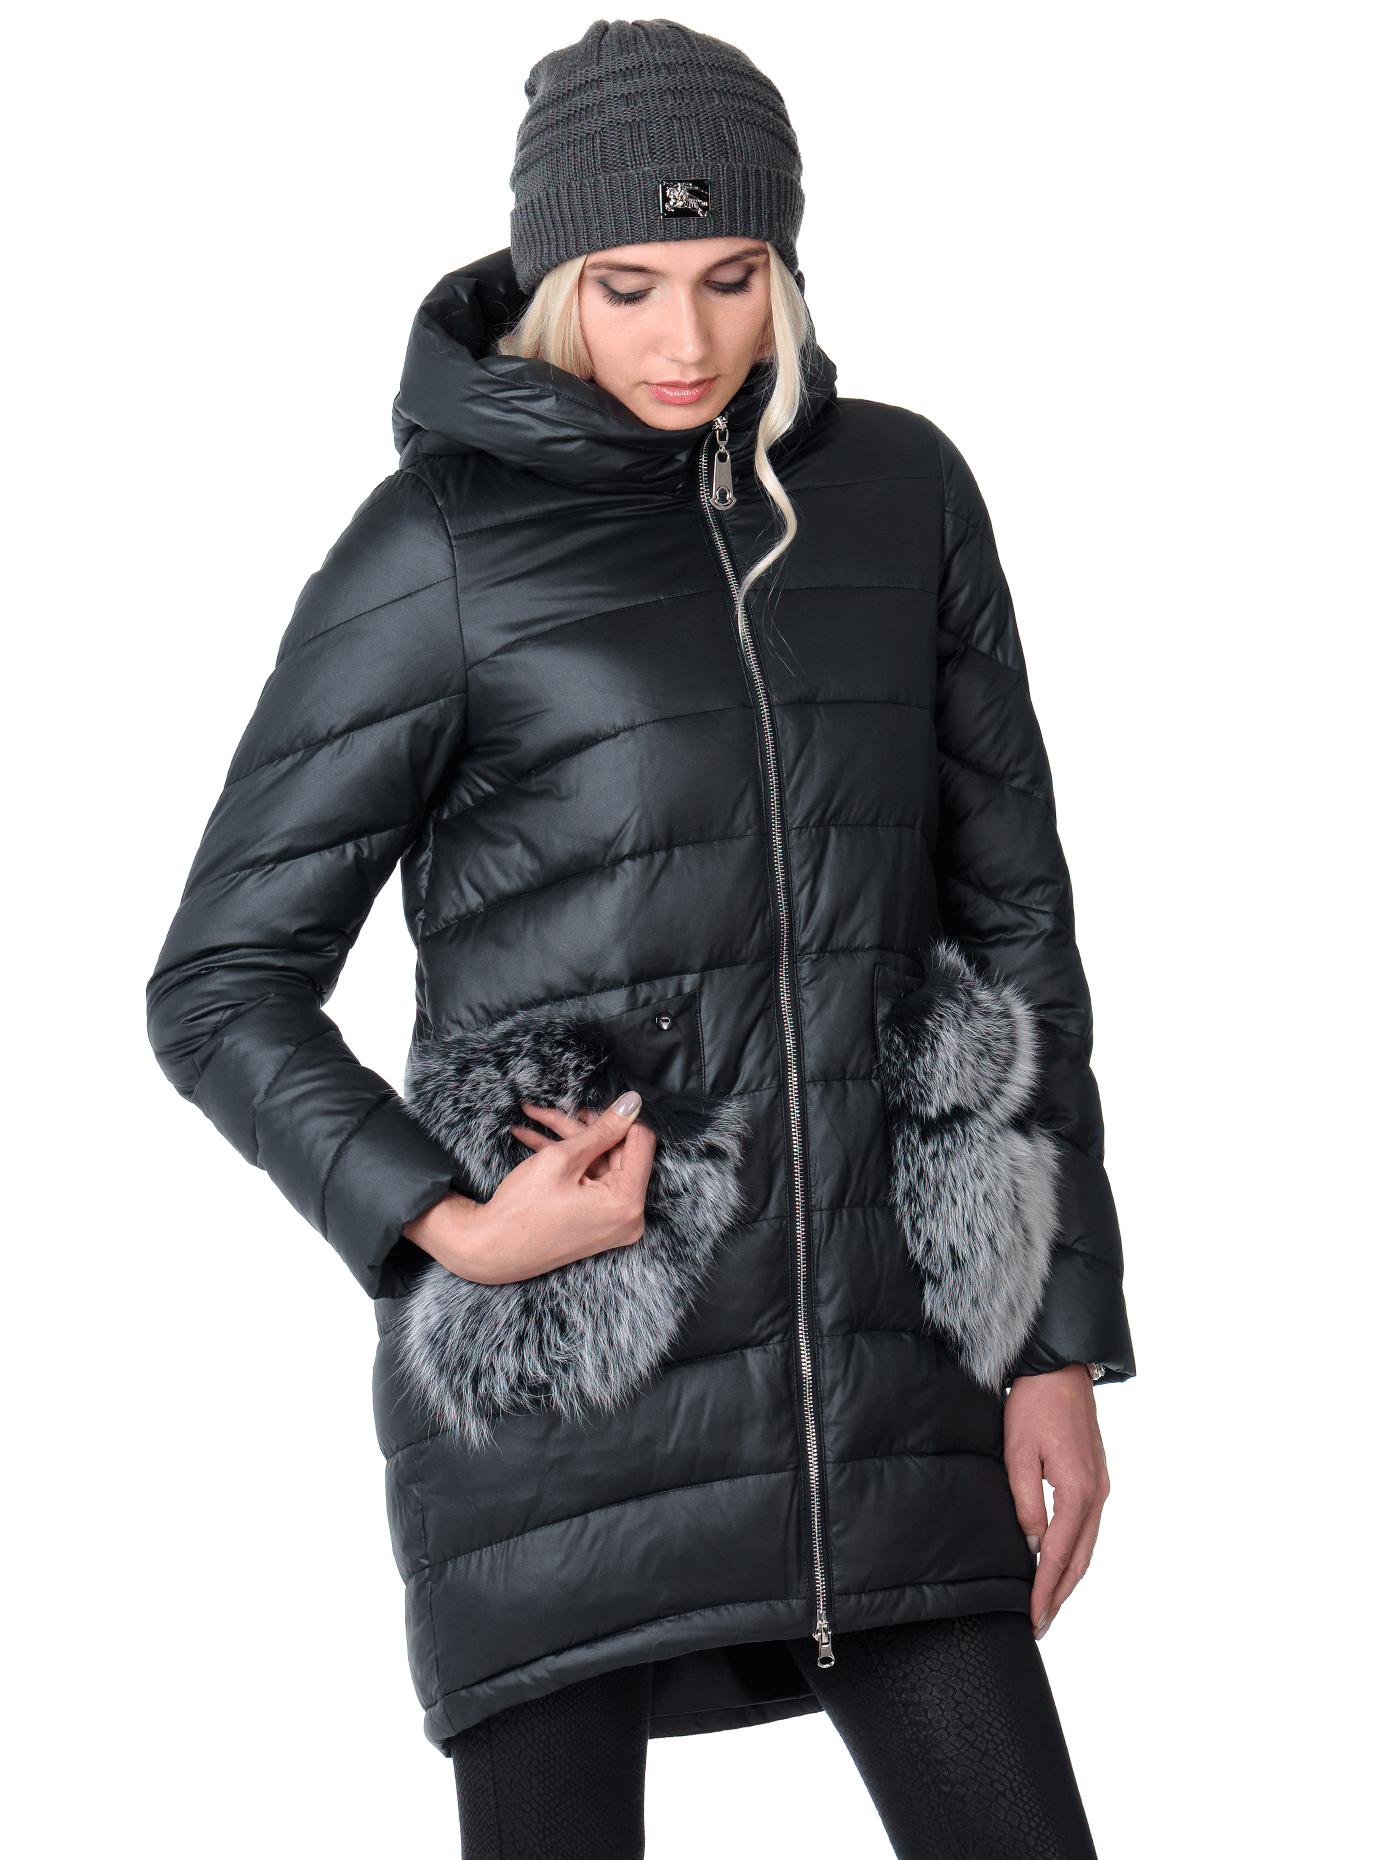 Куртка зимняя с карманами из меха енота Чёрный S (05-V191292): фото - Alster.ua